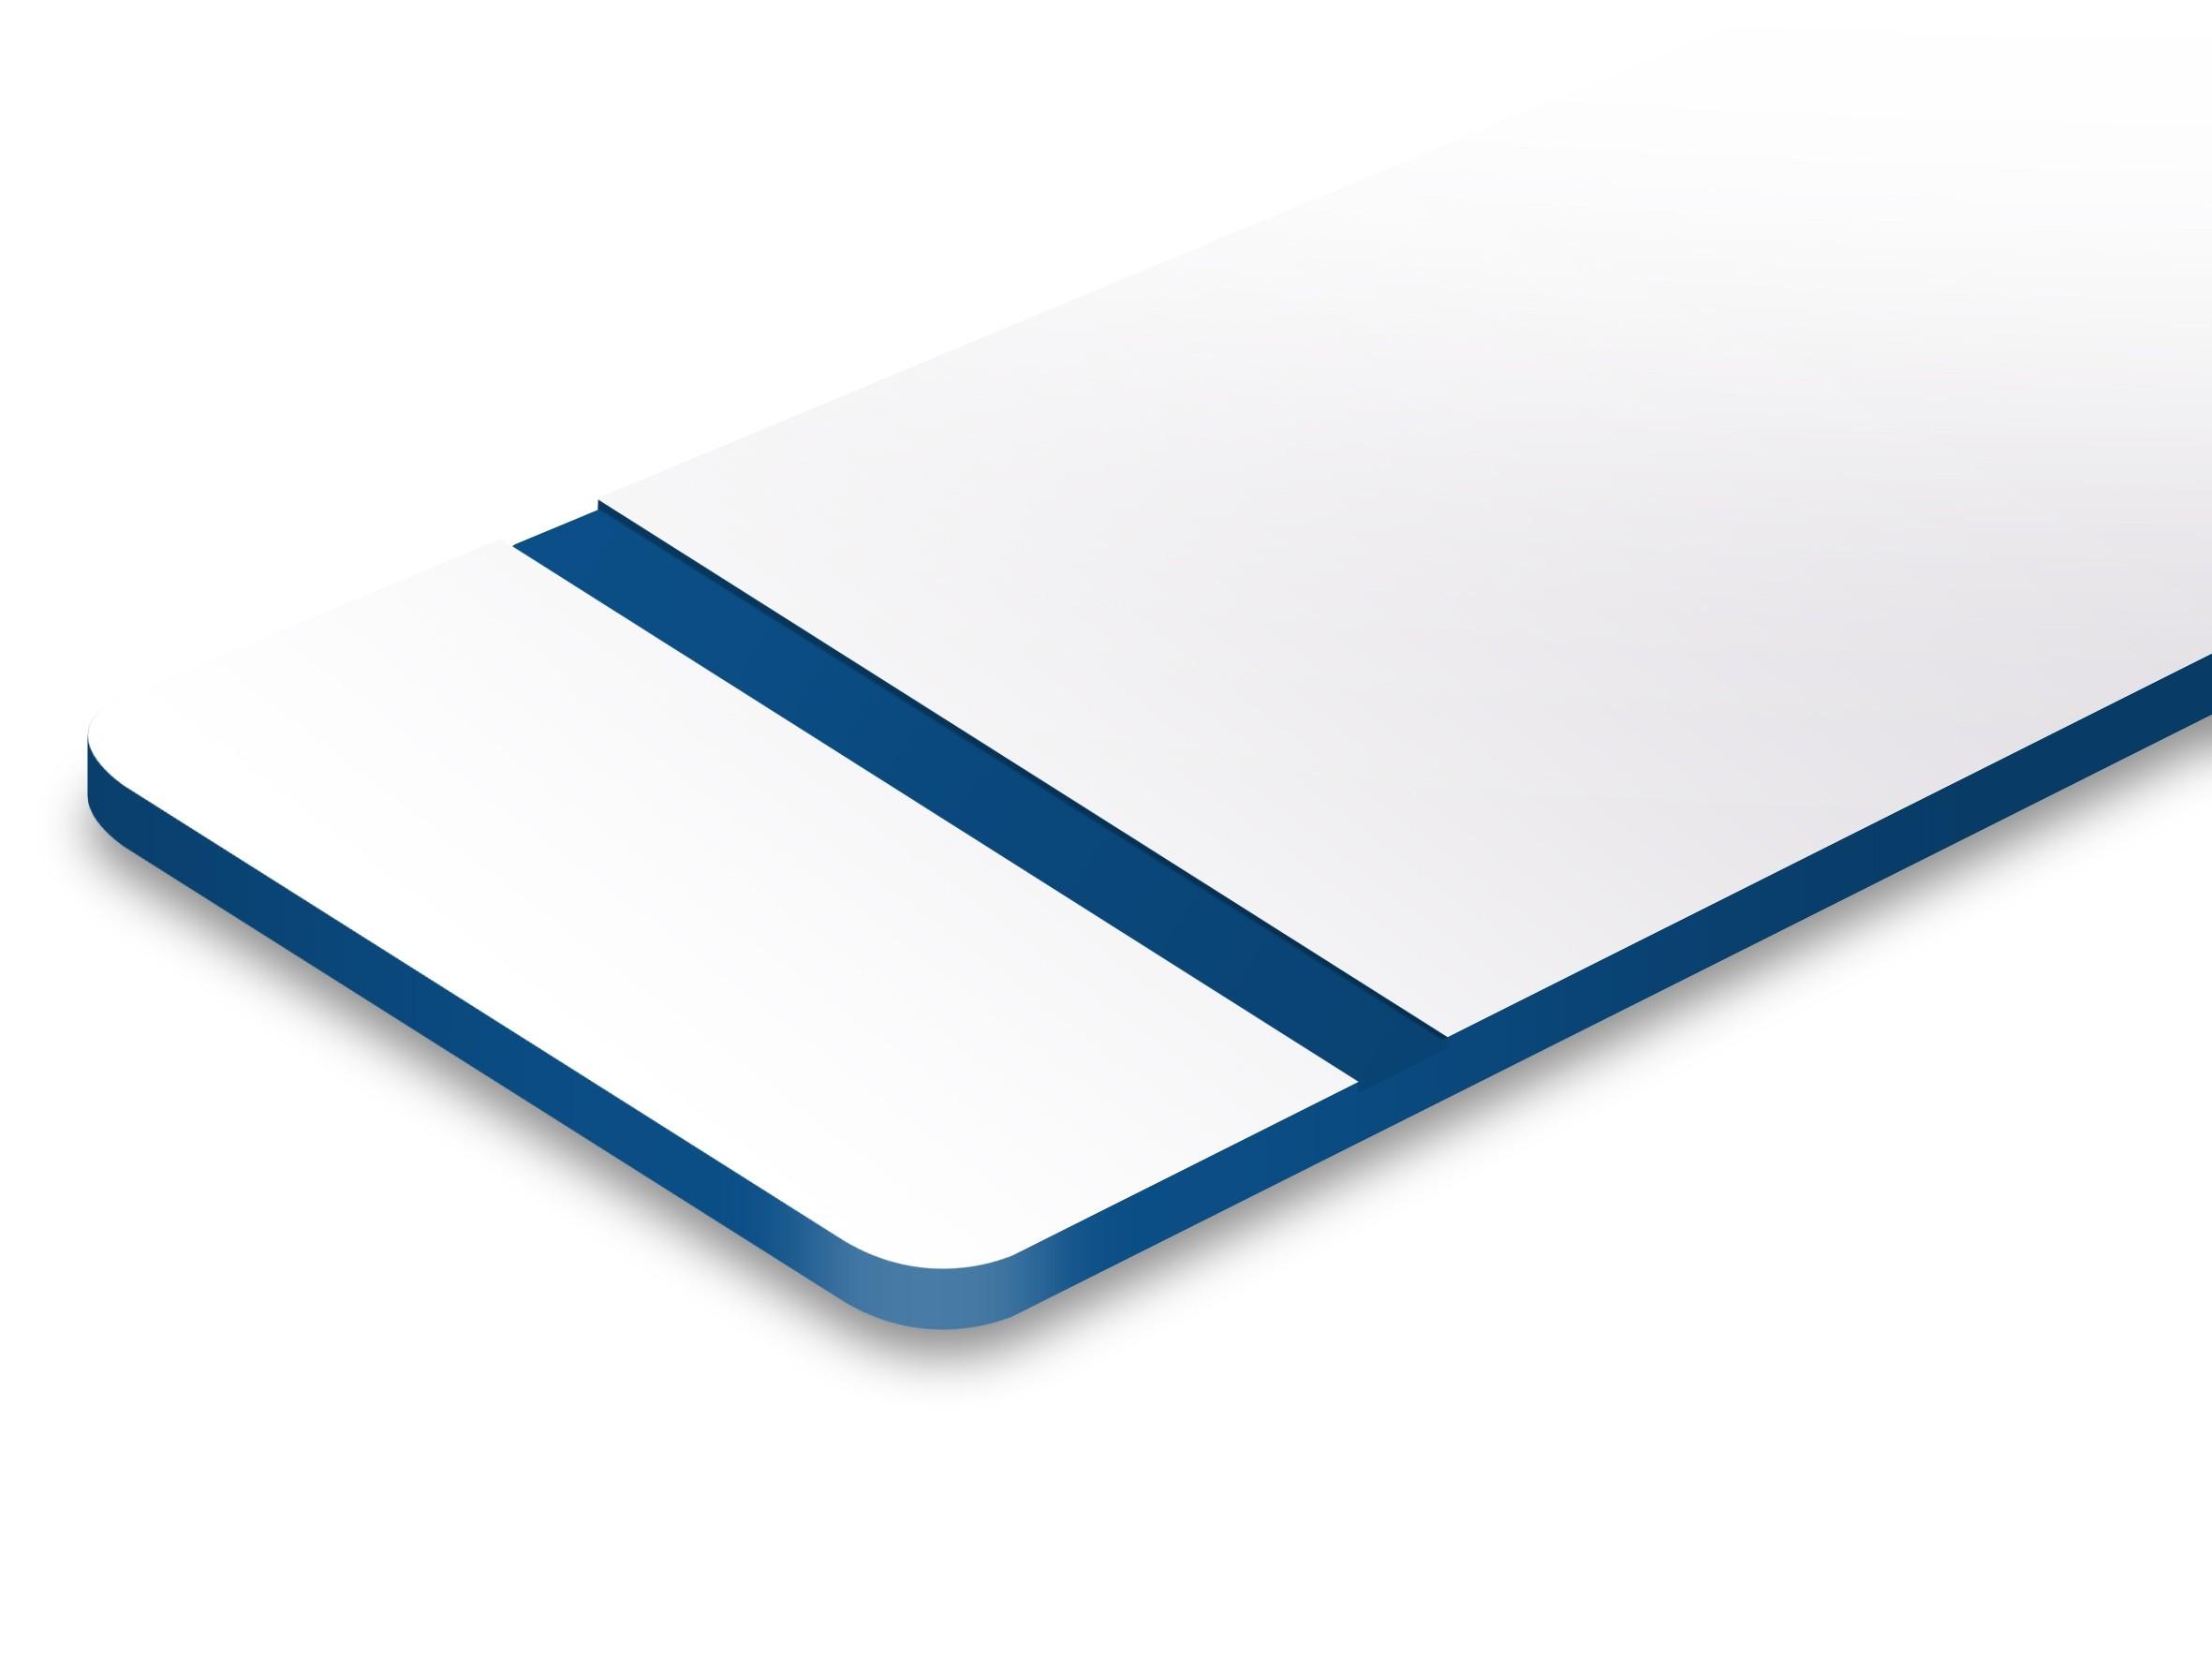 L205-203 Biały/Niebieski 0,8mm